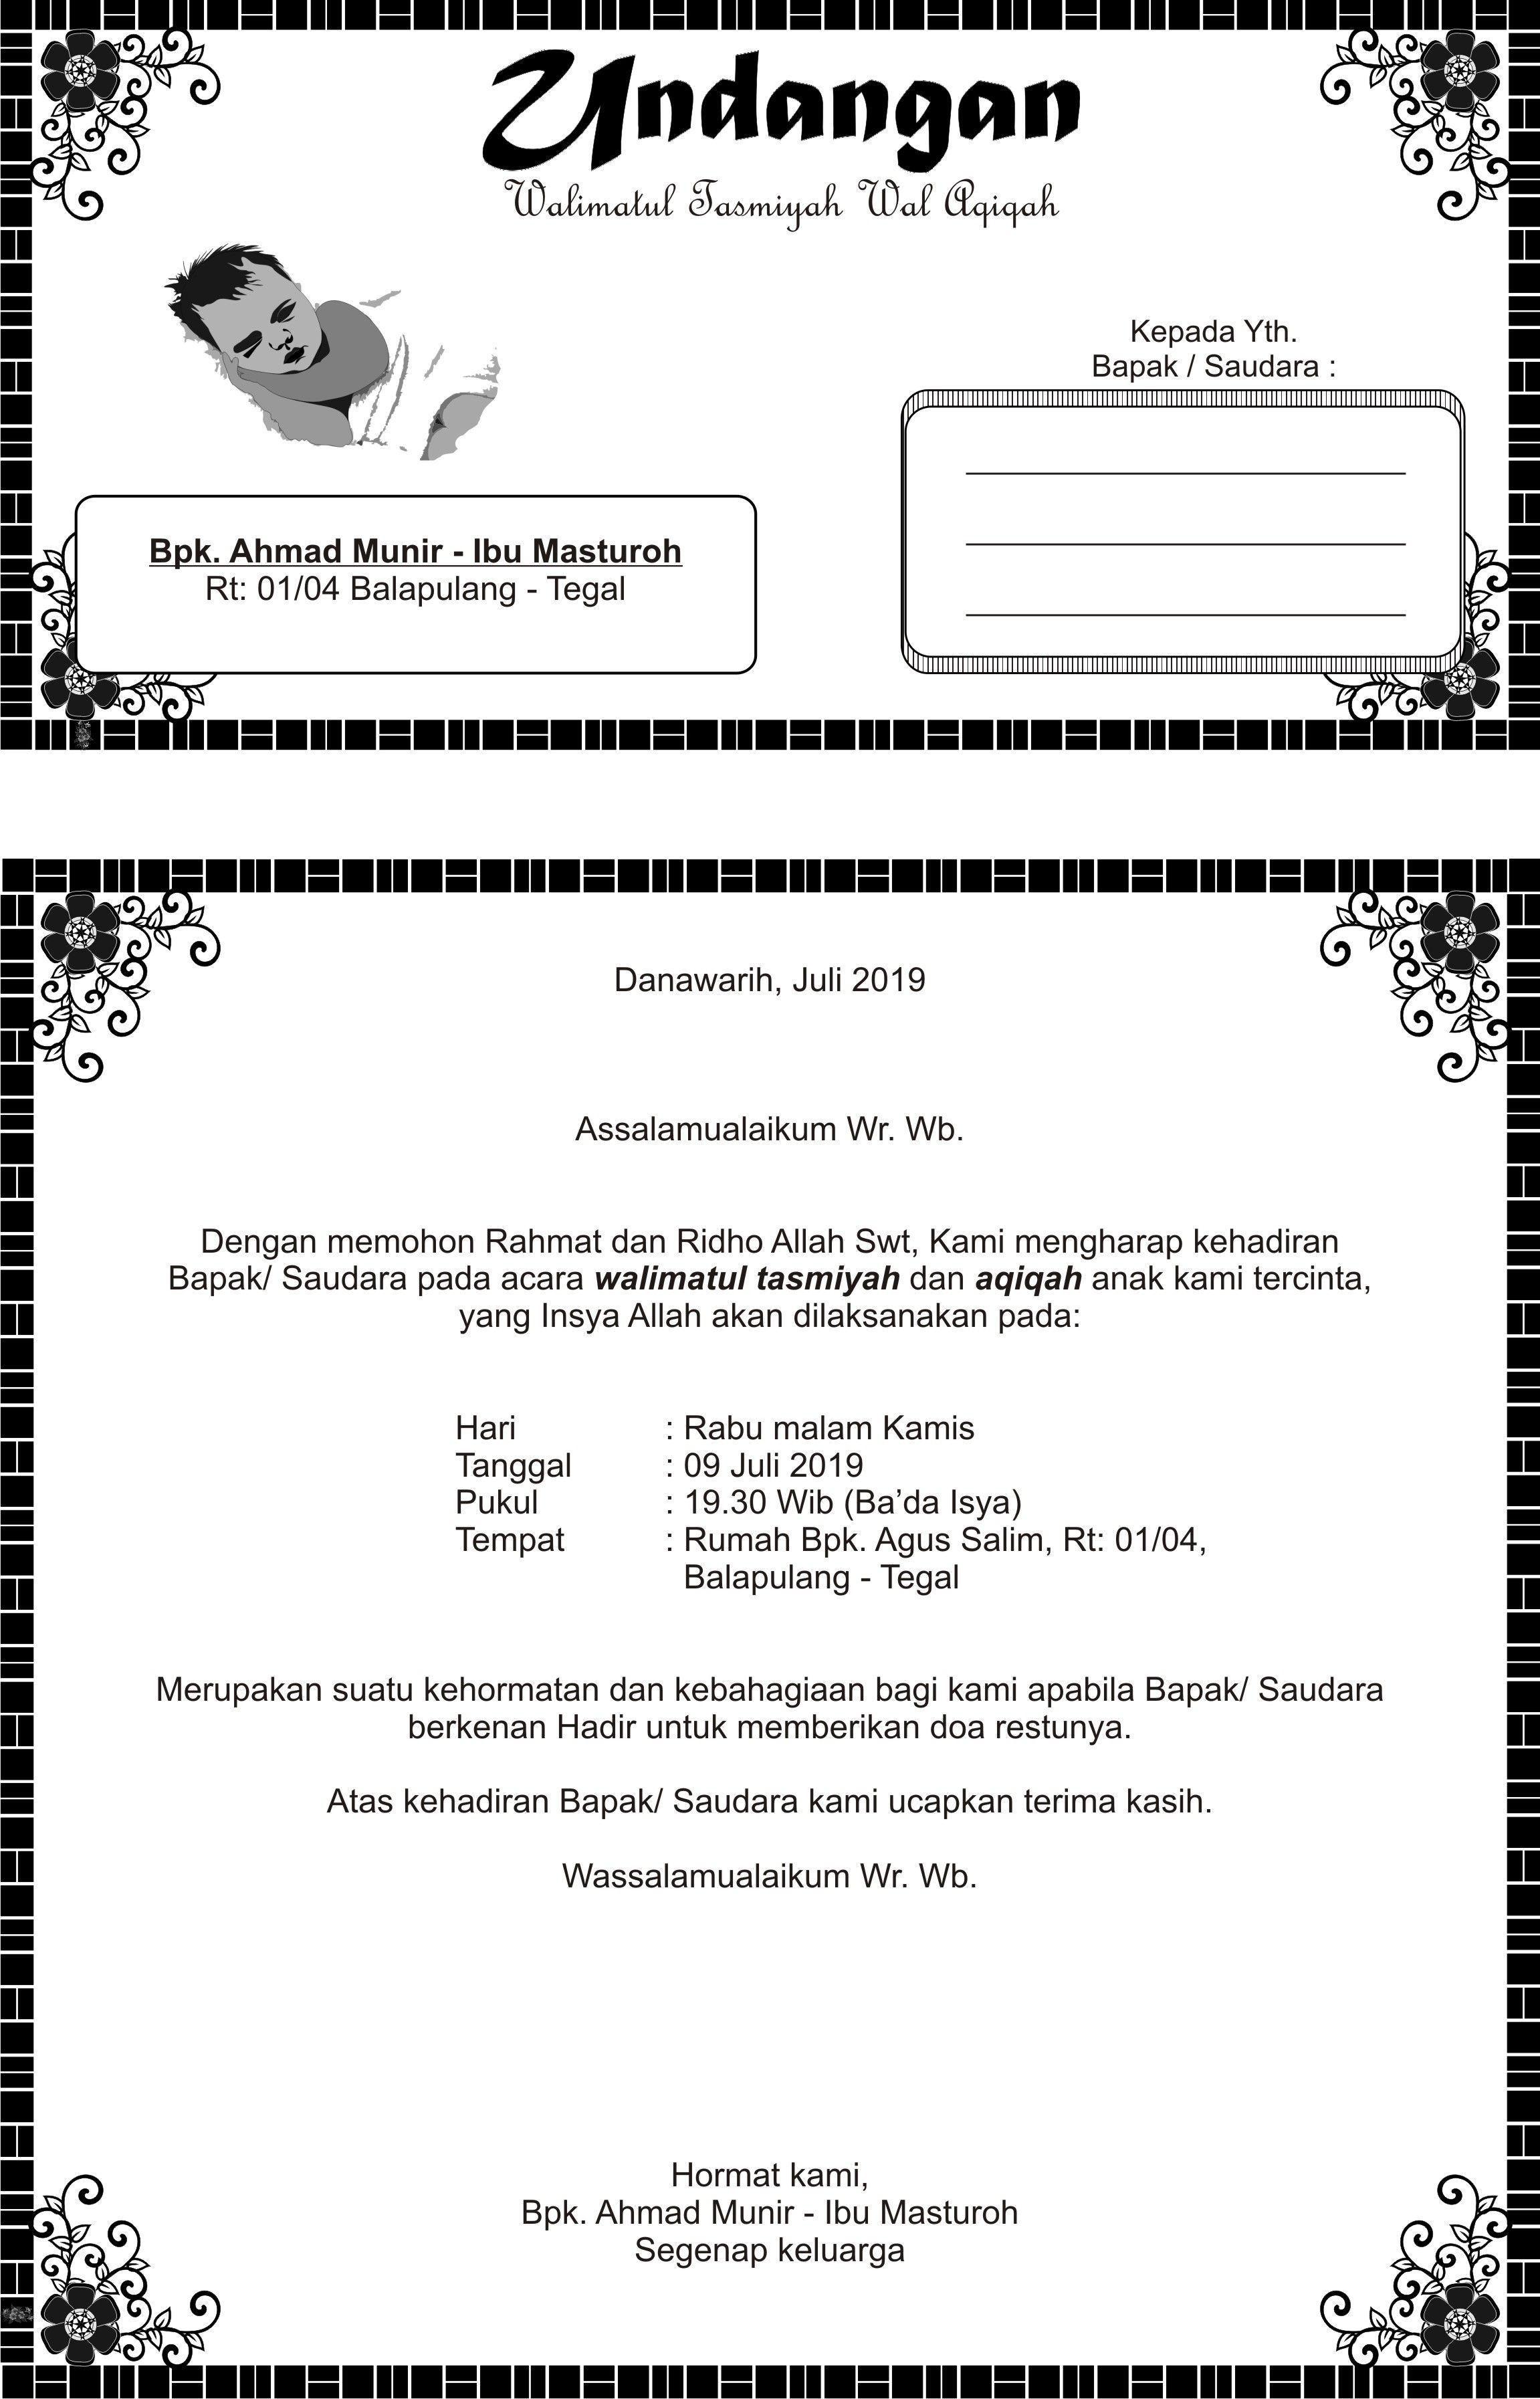 Undangan walimatul tasmiyah dan aqiqah ahmad munir   Dan